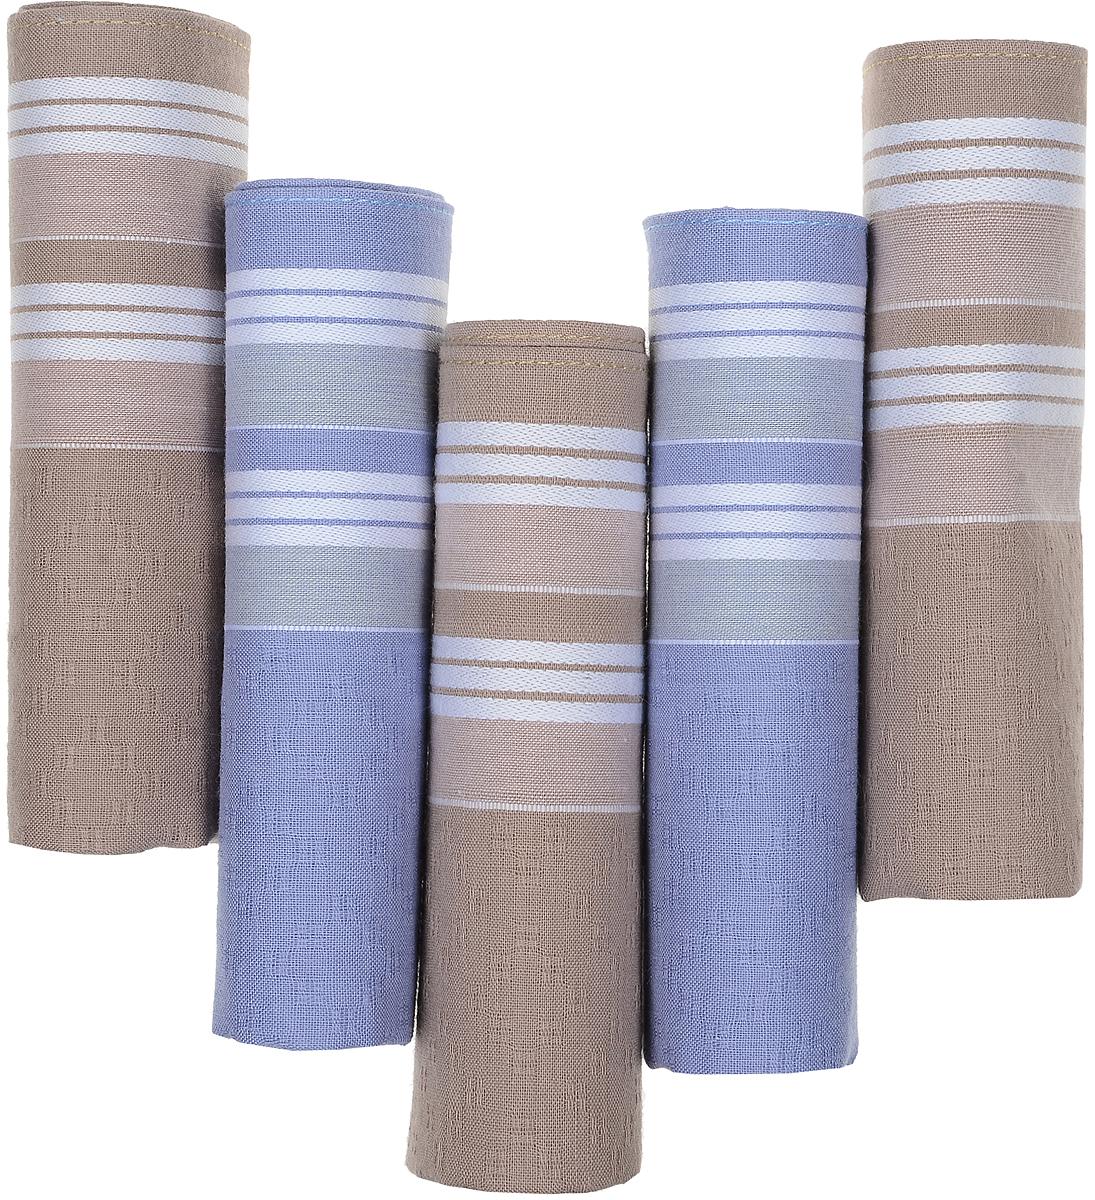 Платок носовой мужской Zlata Korunka, цвет: коричневый, синий, 5 шт. 90512-7. Размер 29 см х 29 смБрошь-булавкаОригинальный мужской носовой платок Zlata Korunka изготовлен из высококачественного натурального хлопка, благодаря чему приятен в использовании, хорошо стирается, не садится и отлично впитывает влагу. Практичный и изящный носовой платок будет незаменим в повседневной жизни любого современного человека. Такой платок послужит стильным аксессуаром и подчеркнет ваше превосходное чувство вкуса.В комплекте 5 платков.